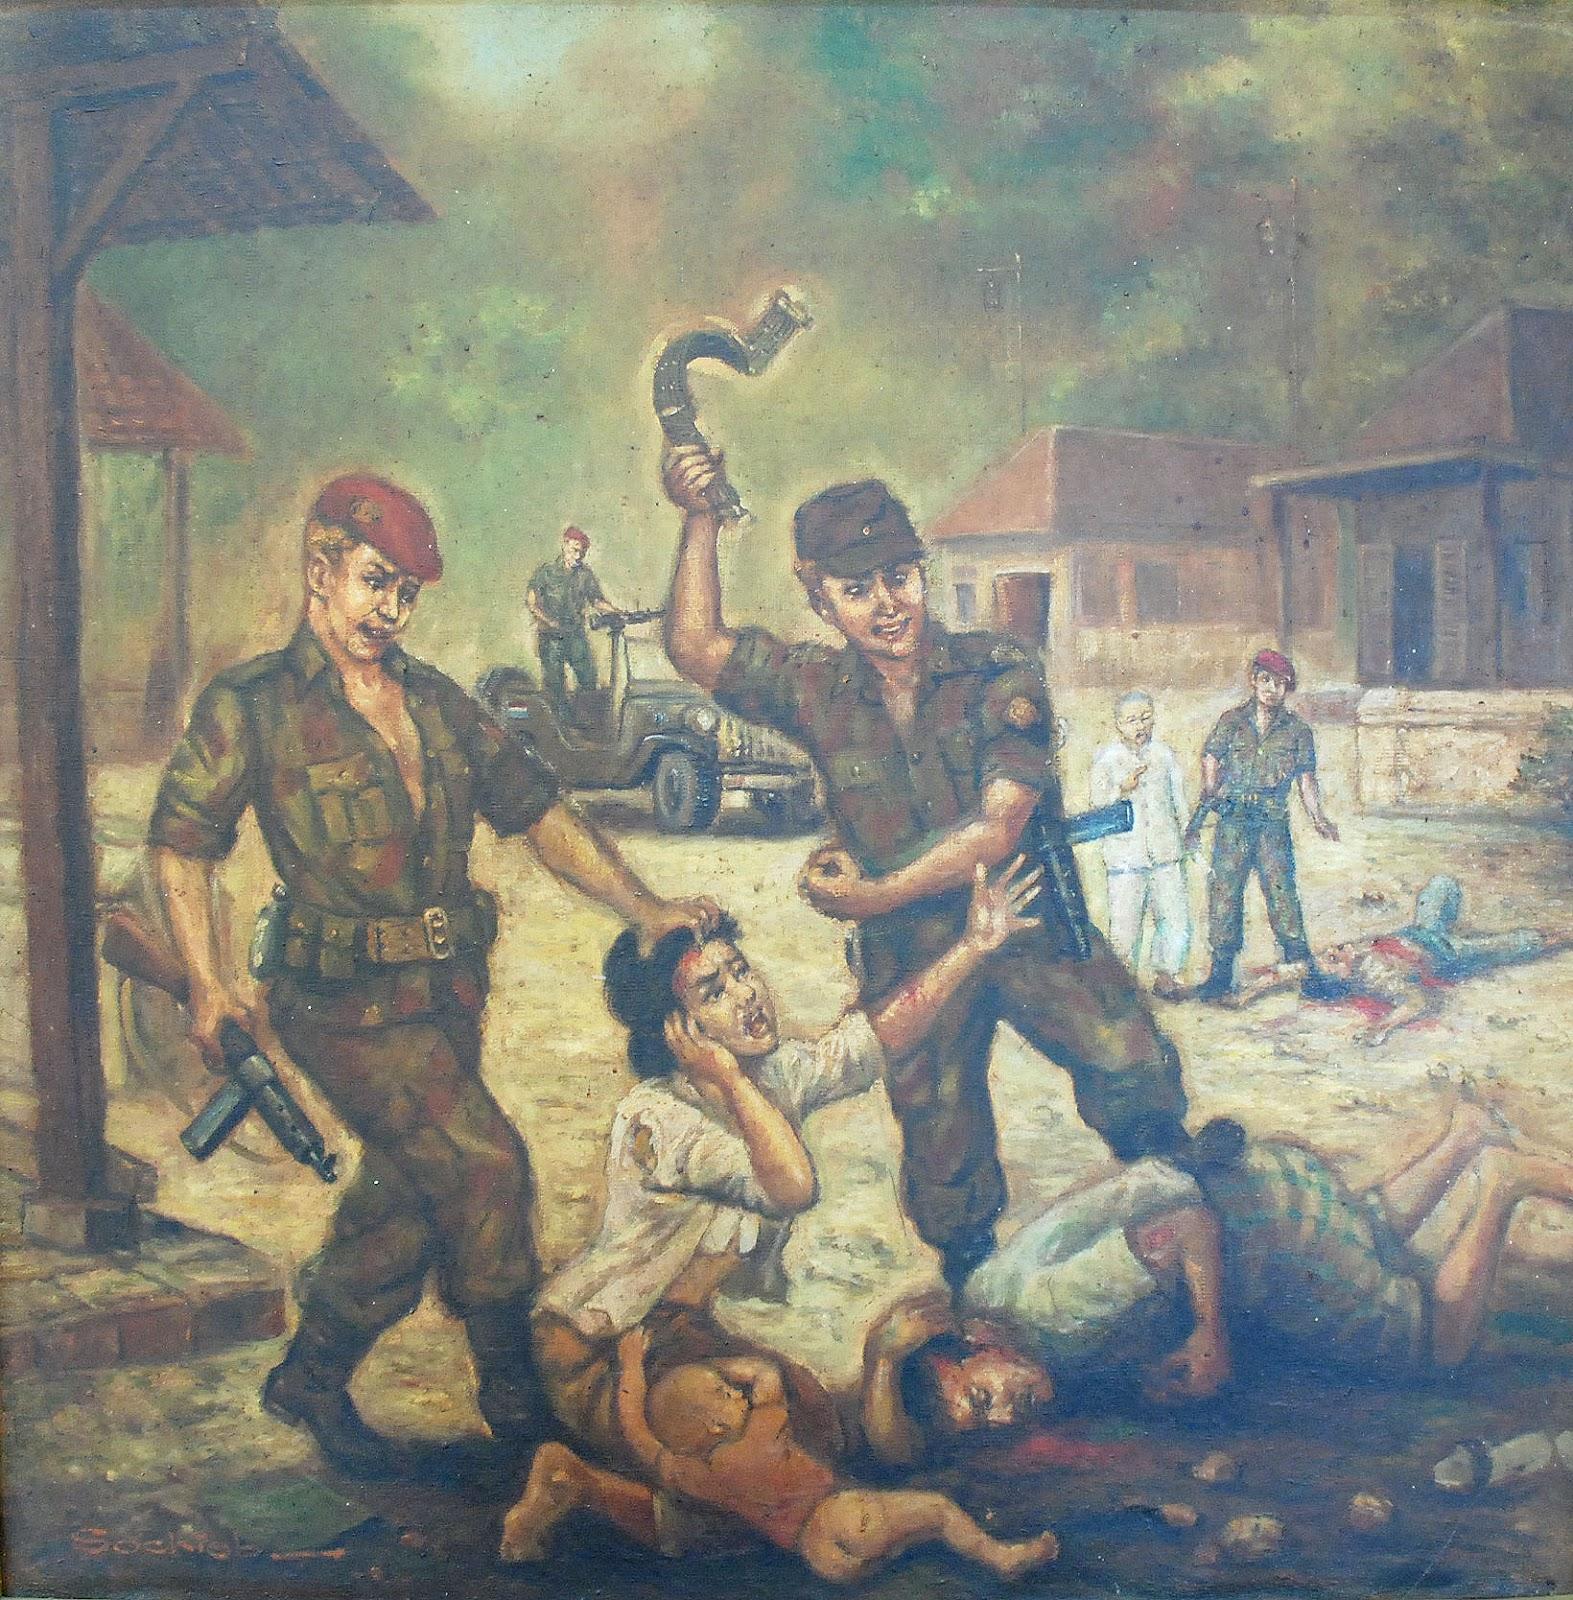 Kumpulan Sketsa Gambar Penjajahan